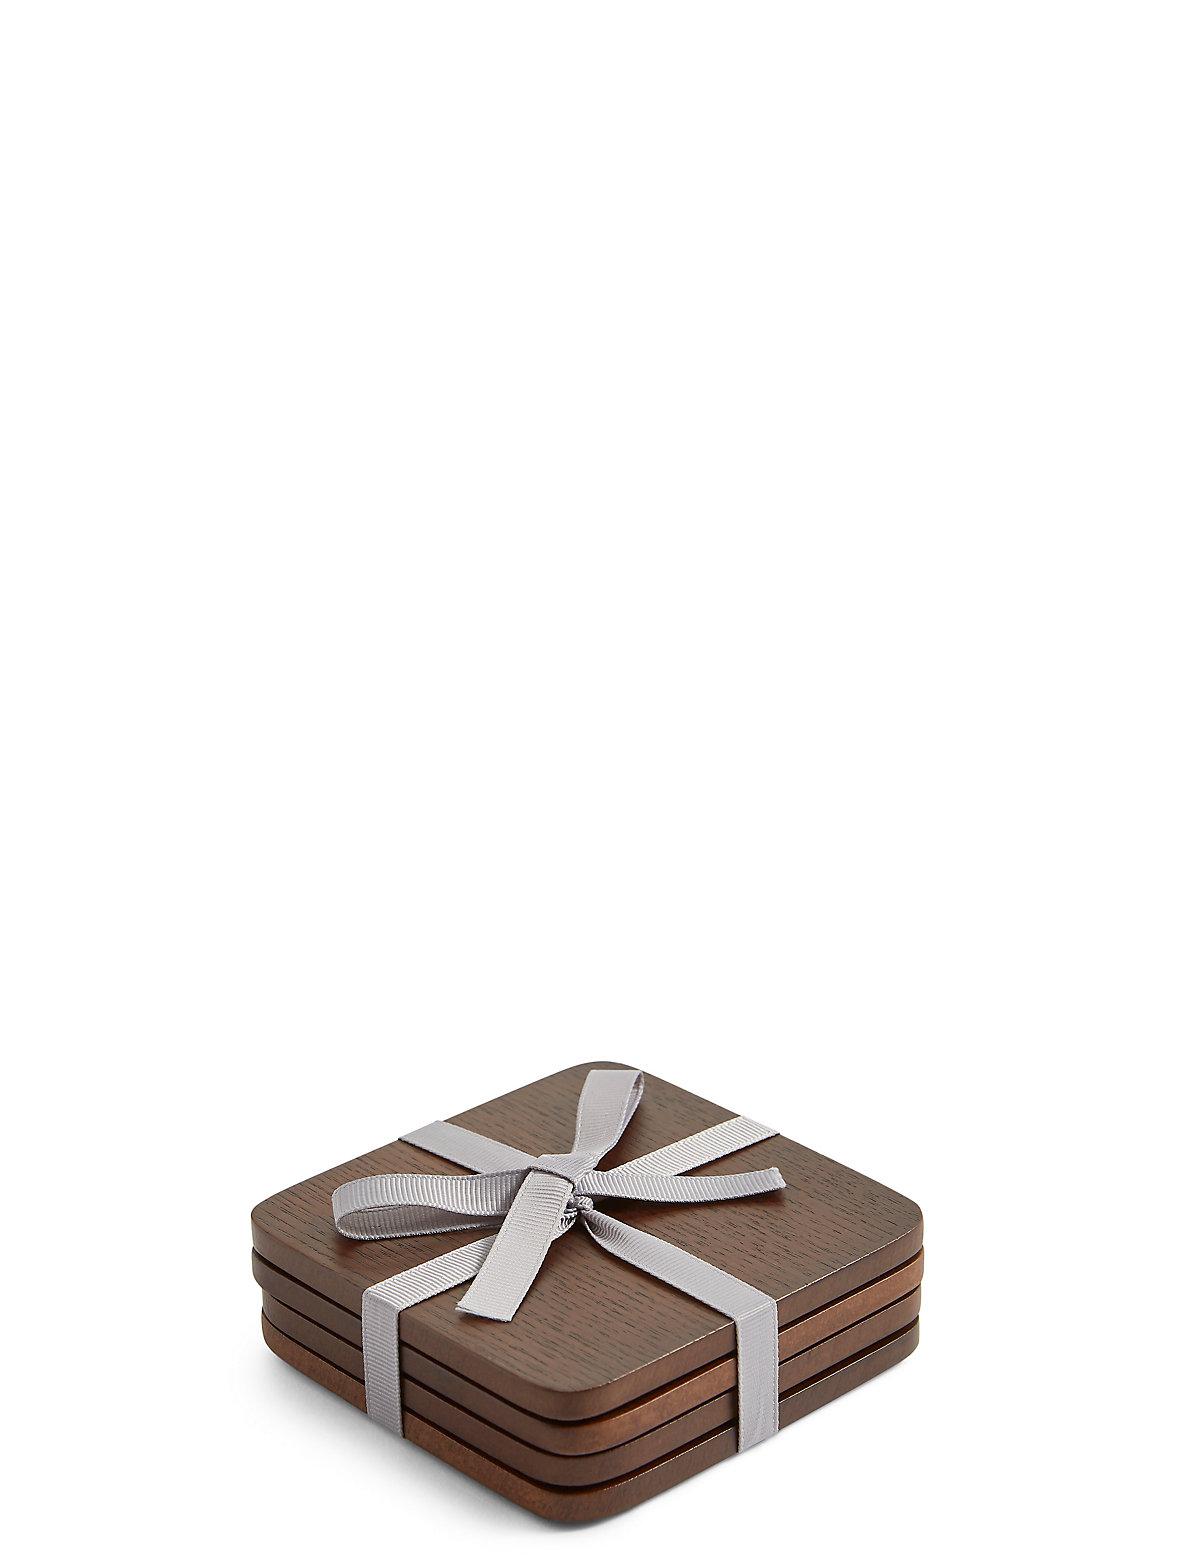 4 Pack Wood Veneer Coasters